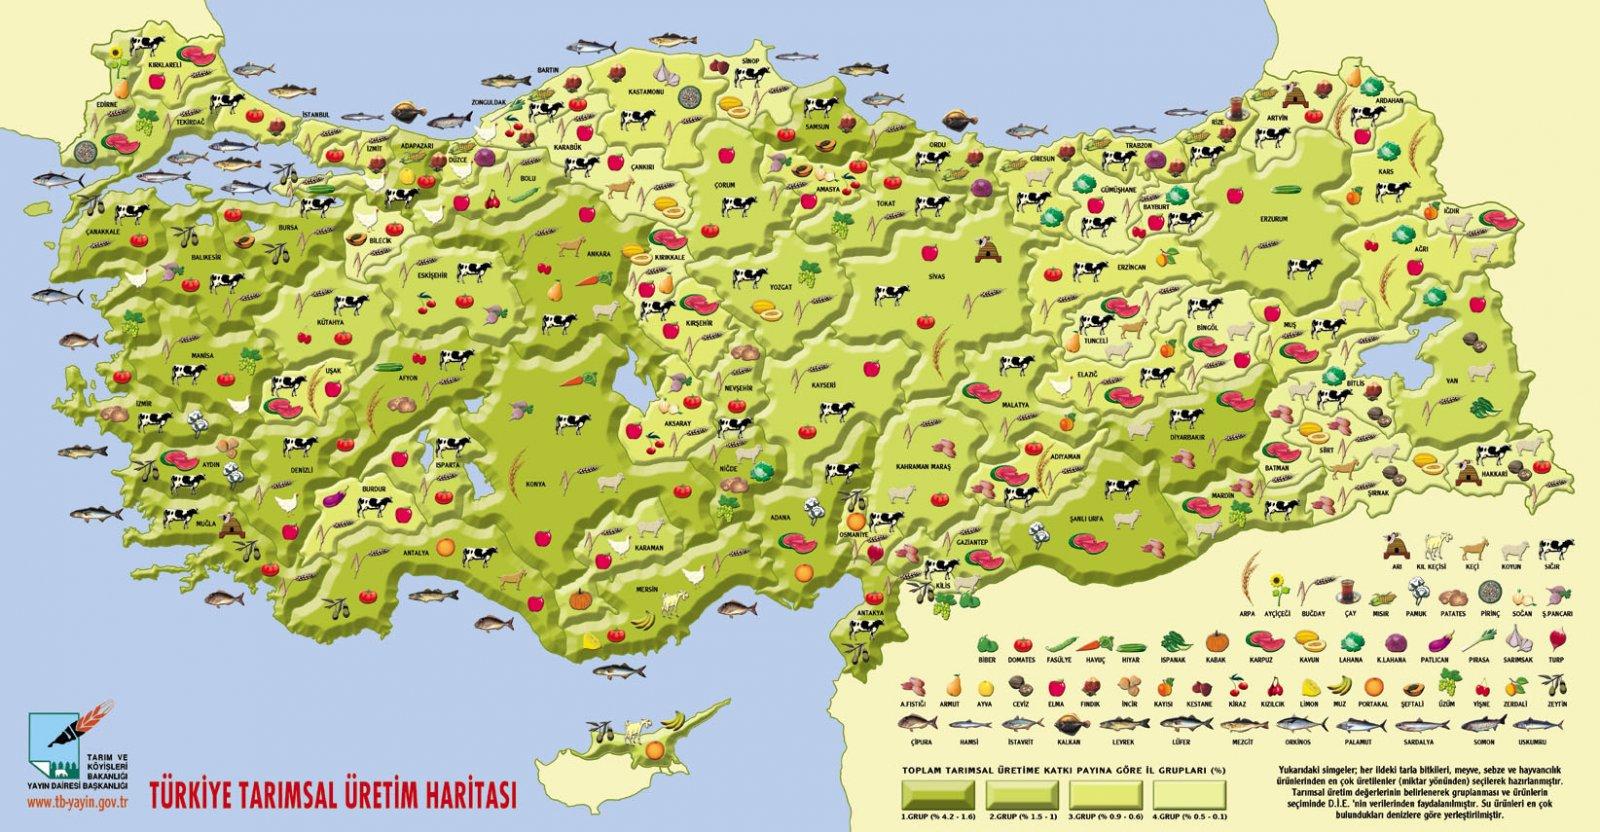 turkiyenin_illere-gore-tarim-urunlari-haritasi